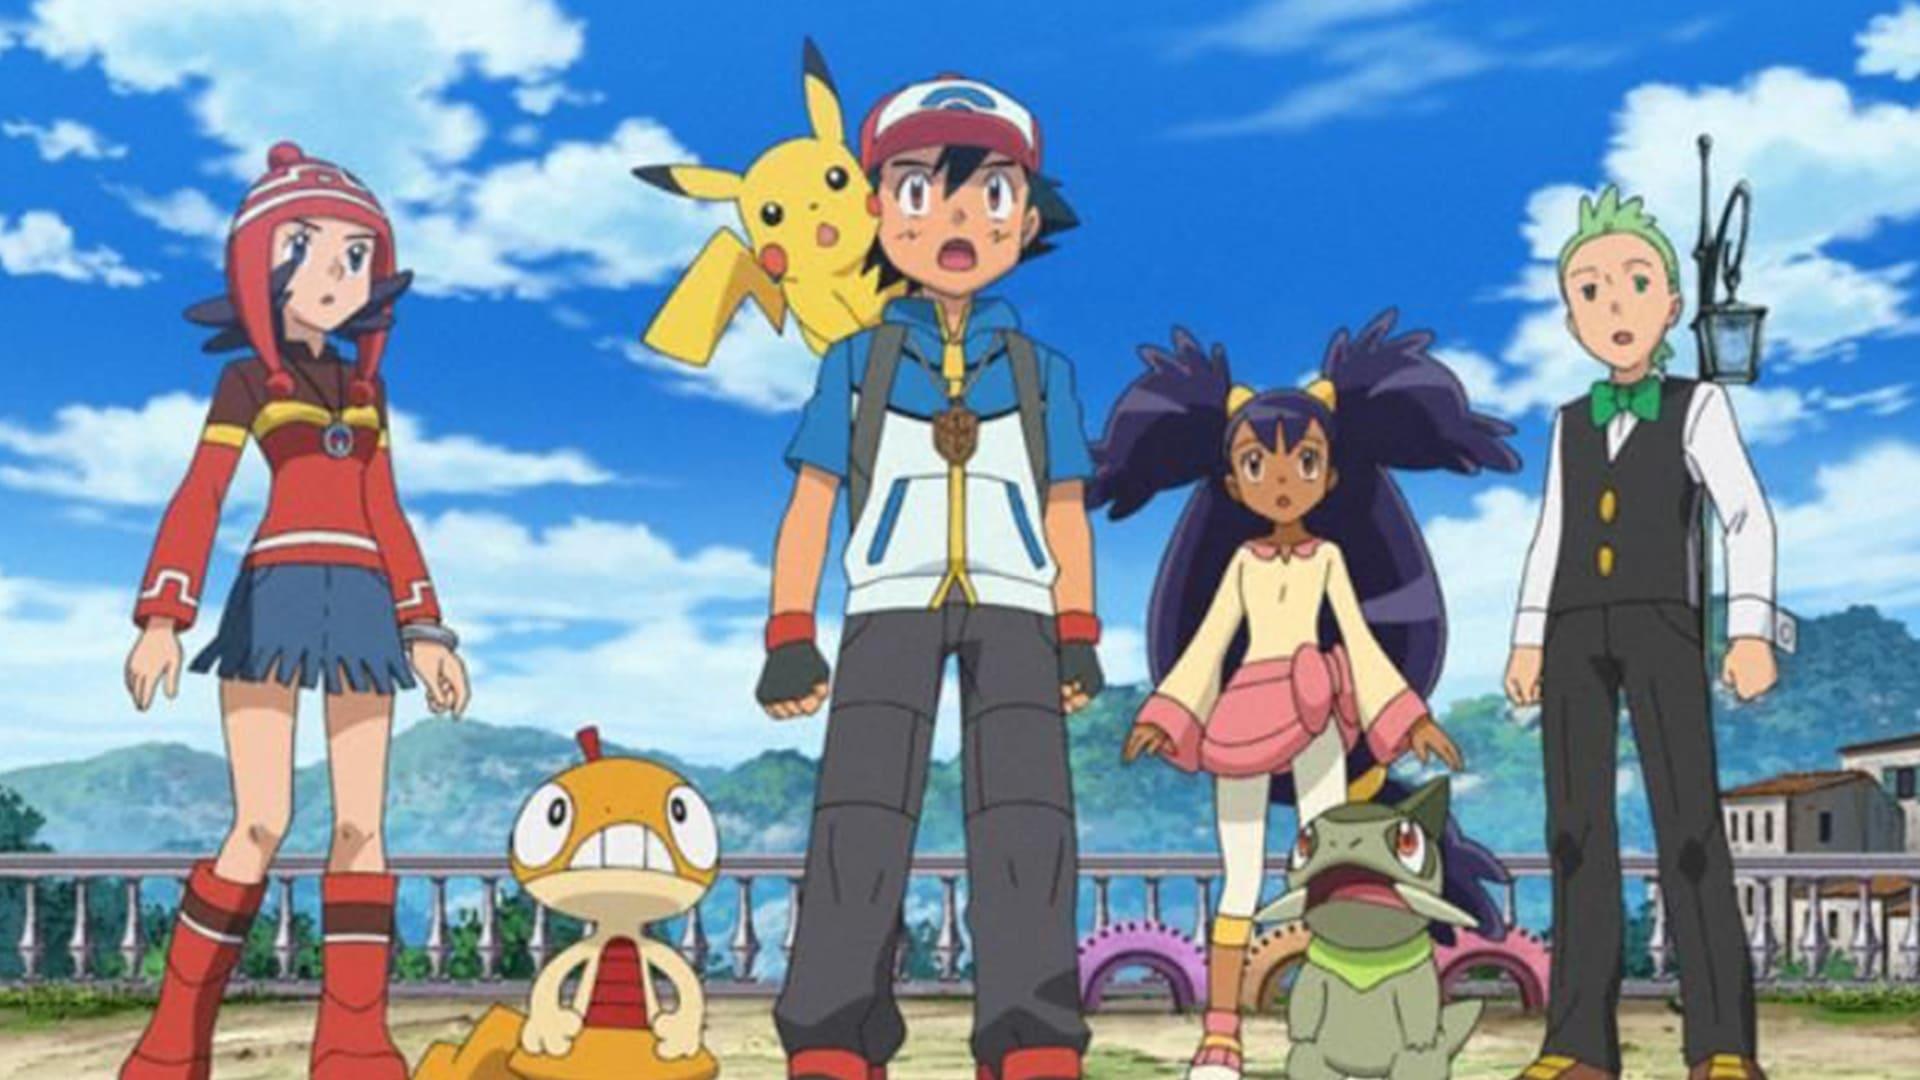 Pokémon the Movie: Black - Victini and Reshiram